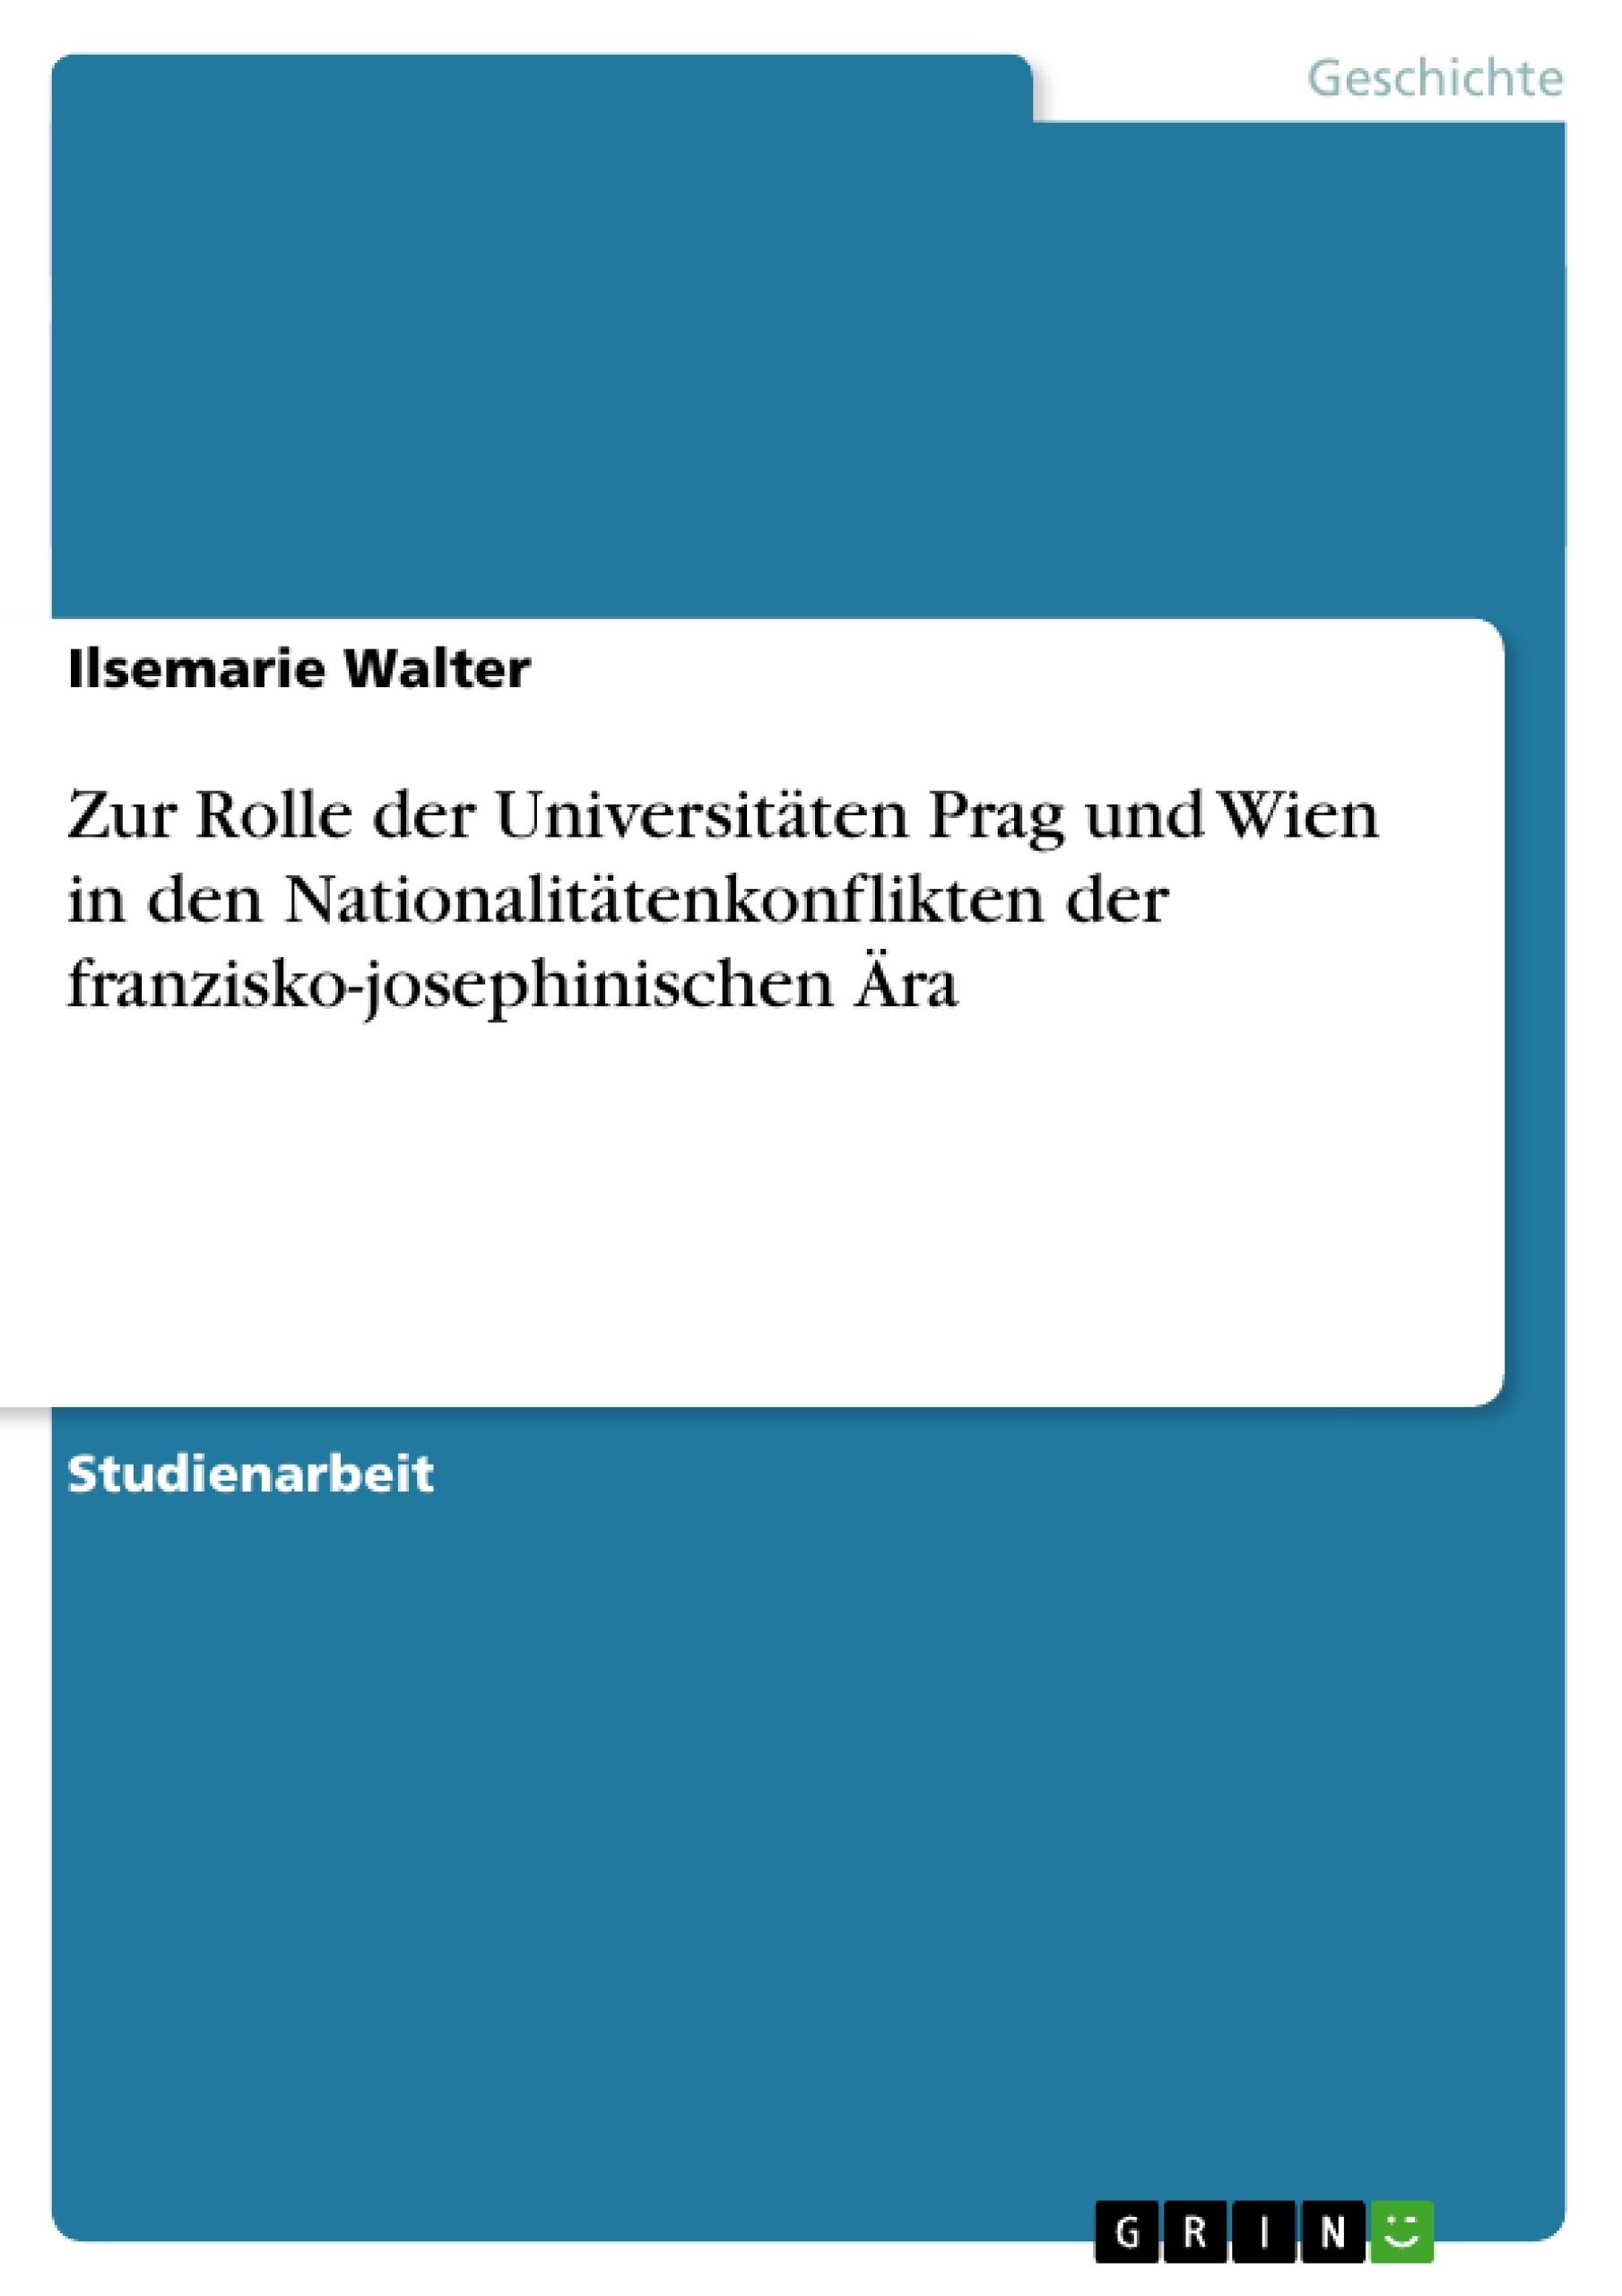 Titel: Zur Rolle der Universitäten Prag und Wien in den Nationalitätenkonflikten der franzisko-josephinischen Ära